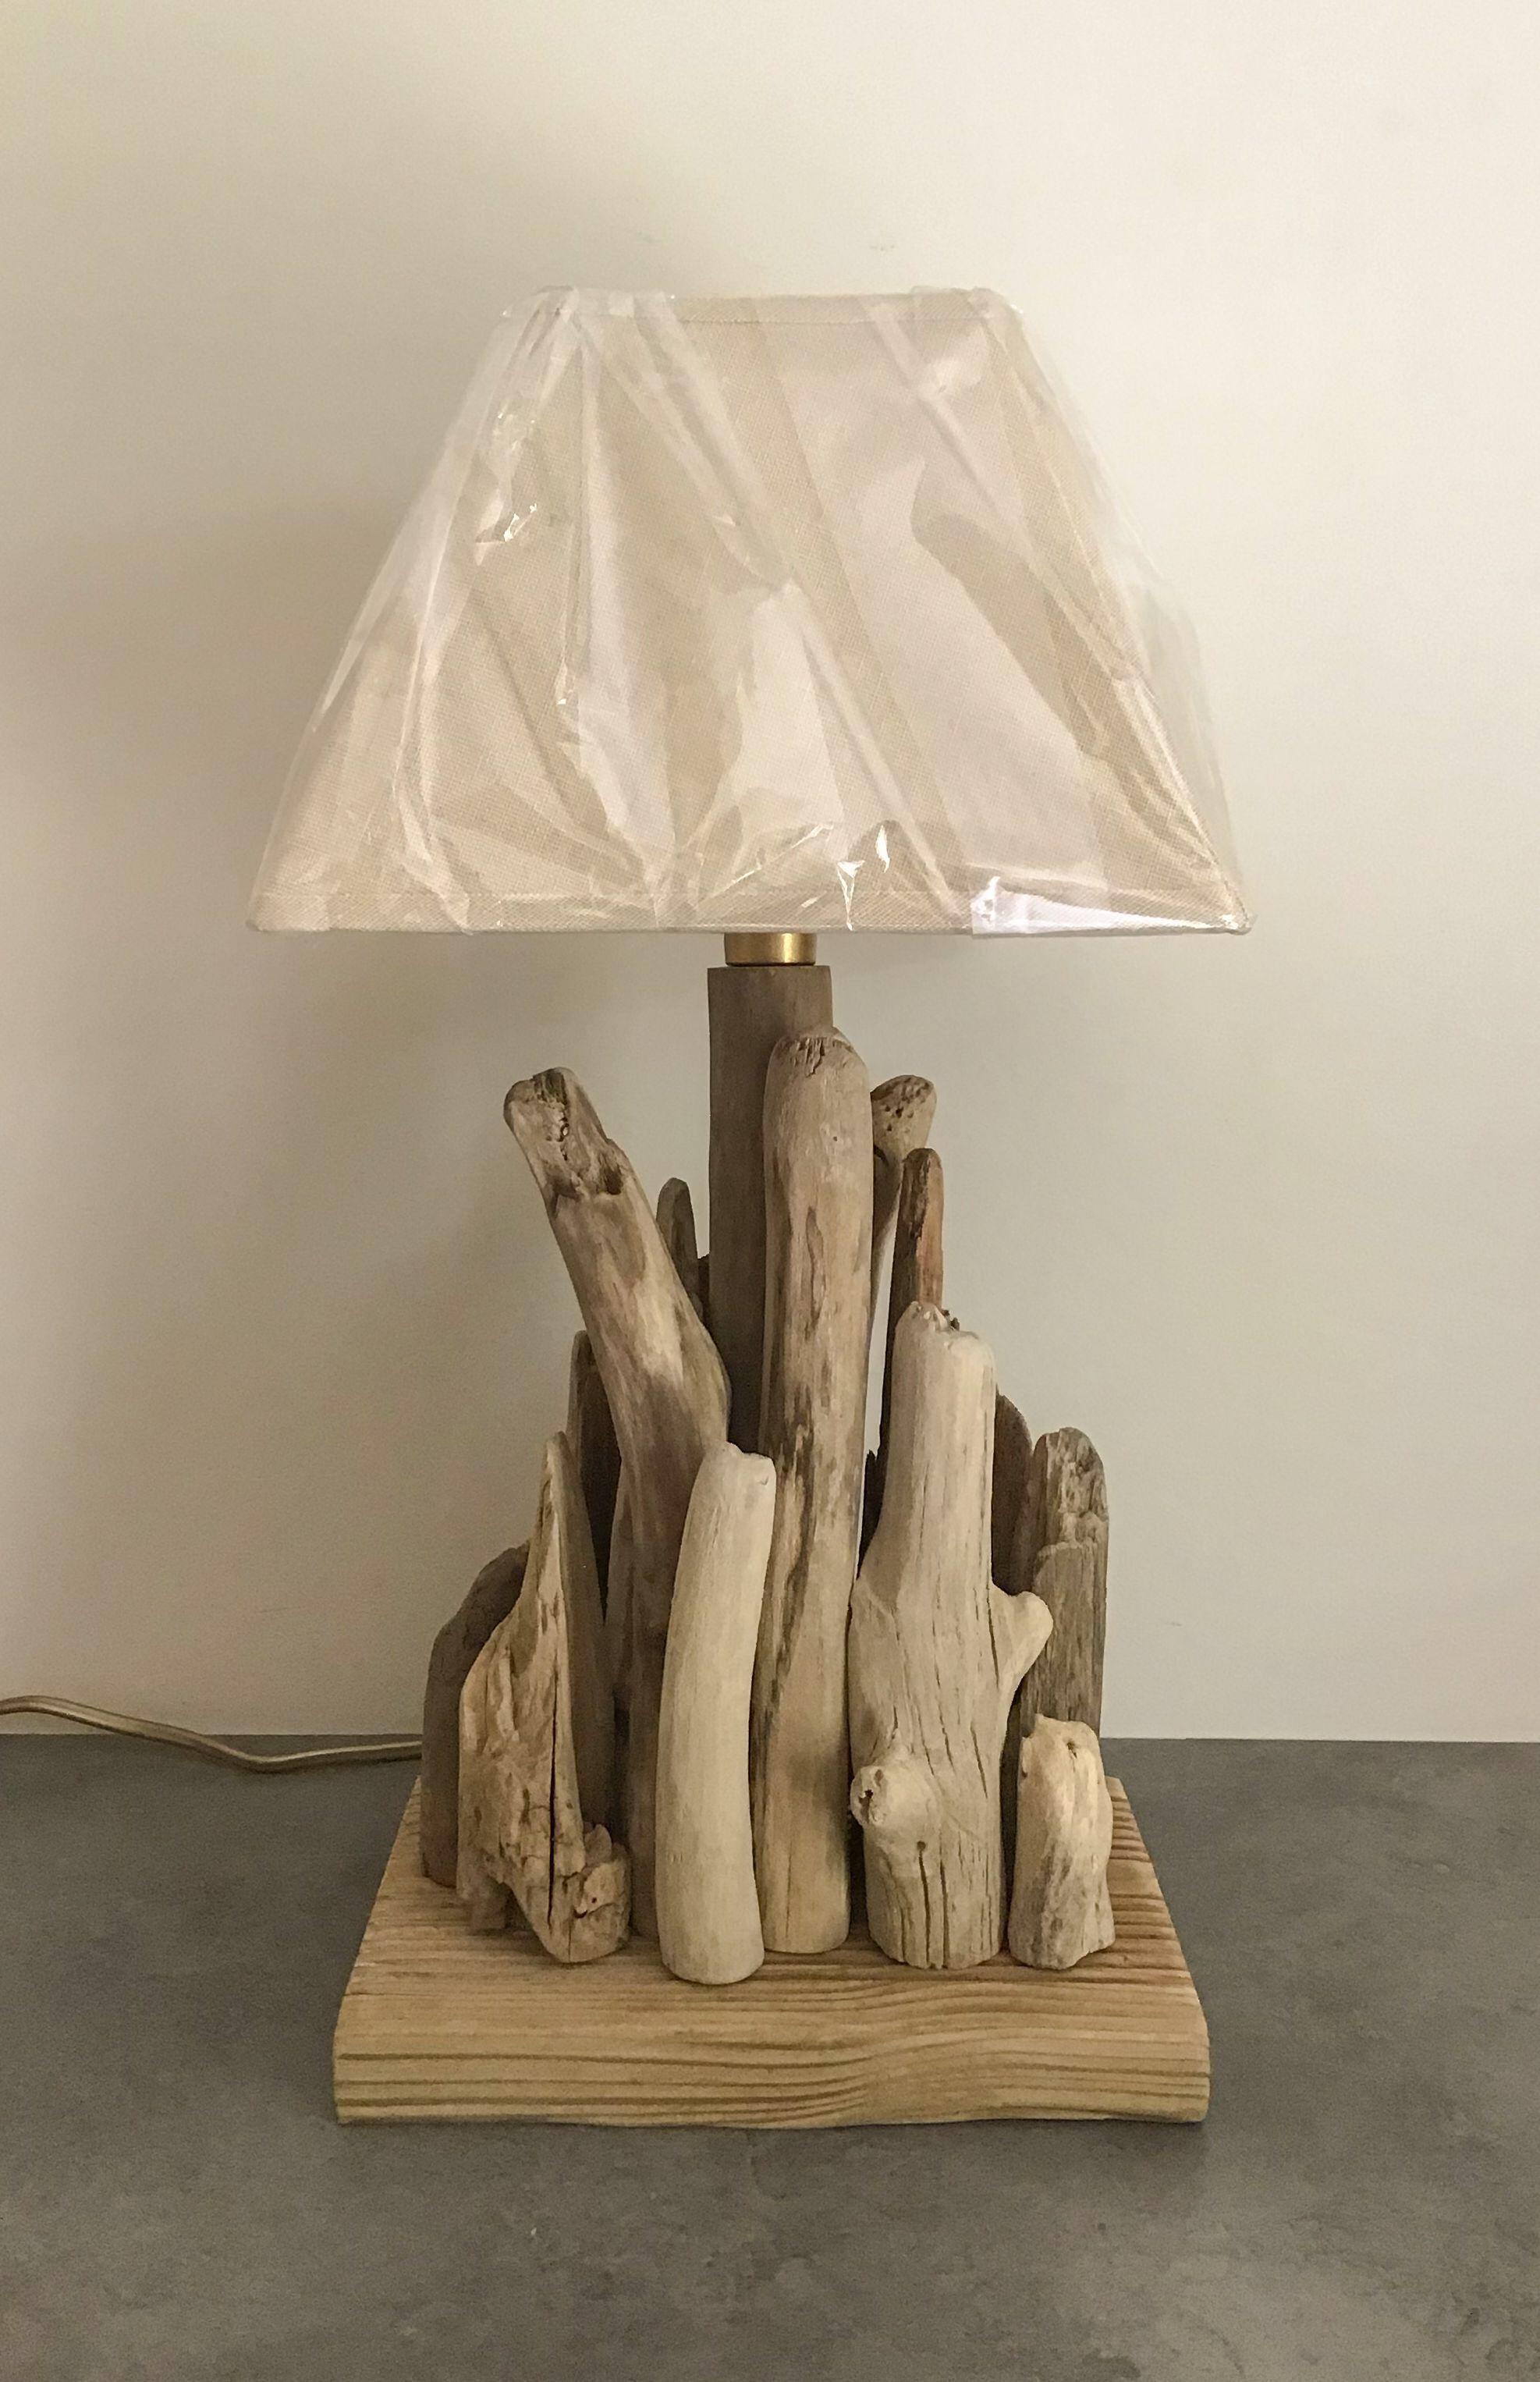 Comment Customiser Une Lampe De Chevet lampe de chevet en bois flotté en 2020 | lampe bois flotté